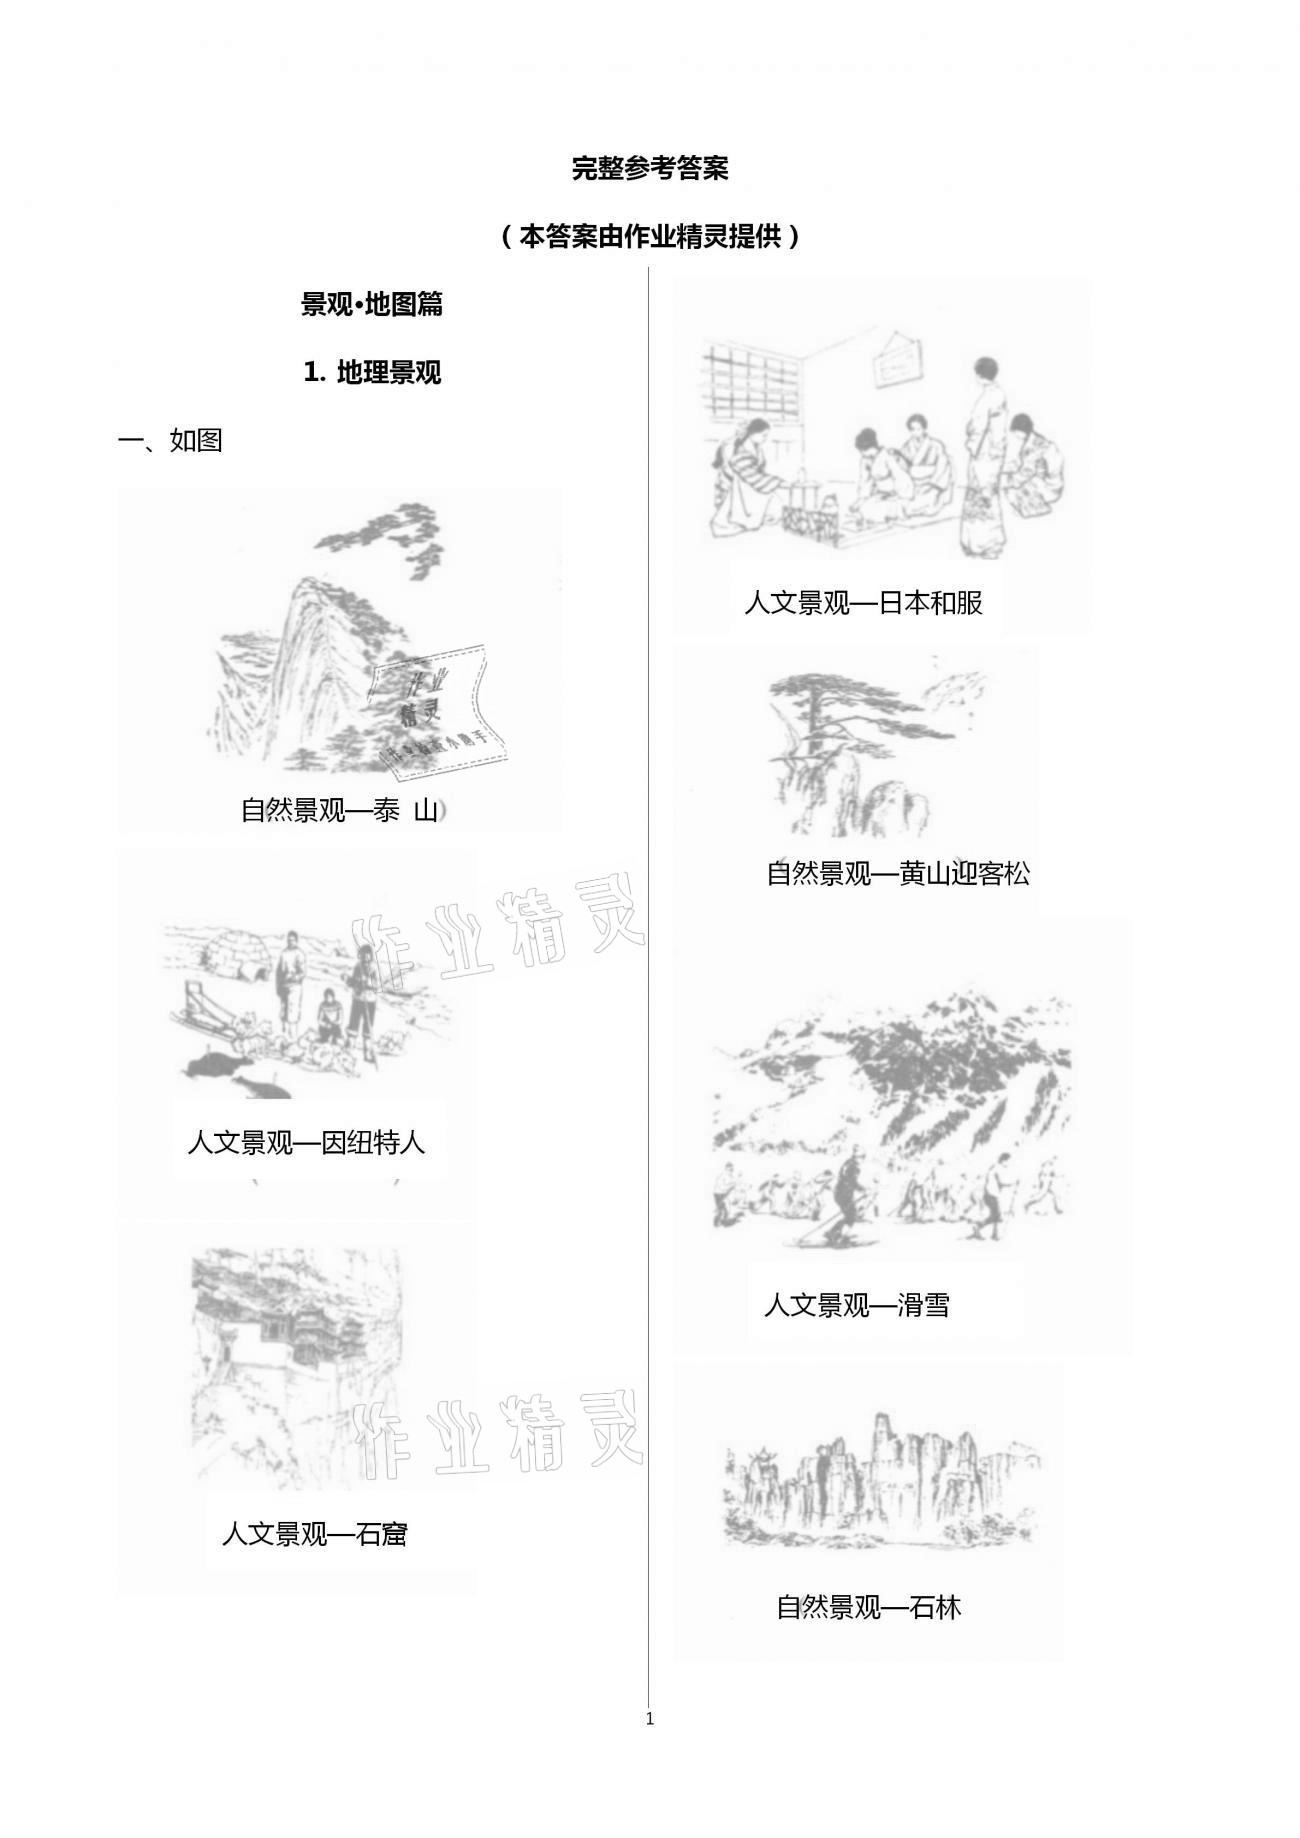 2020年地理练习部分六年级第一学期沪教版第1页